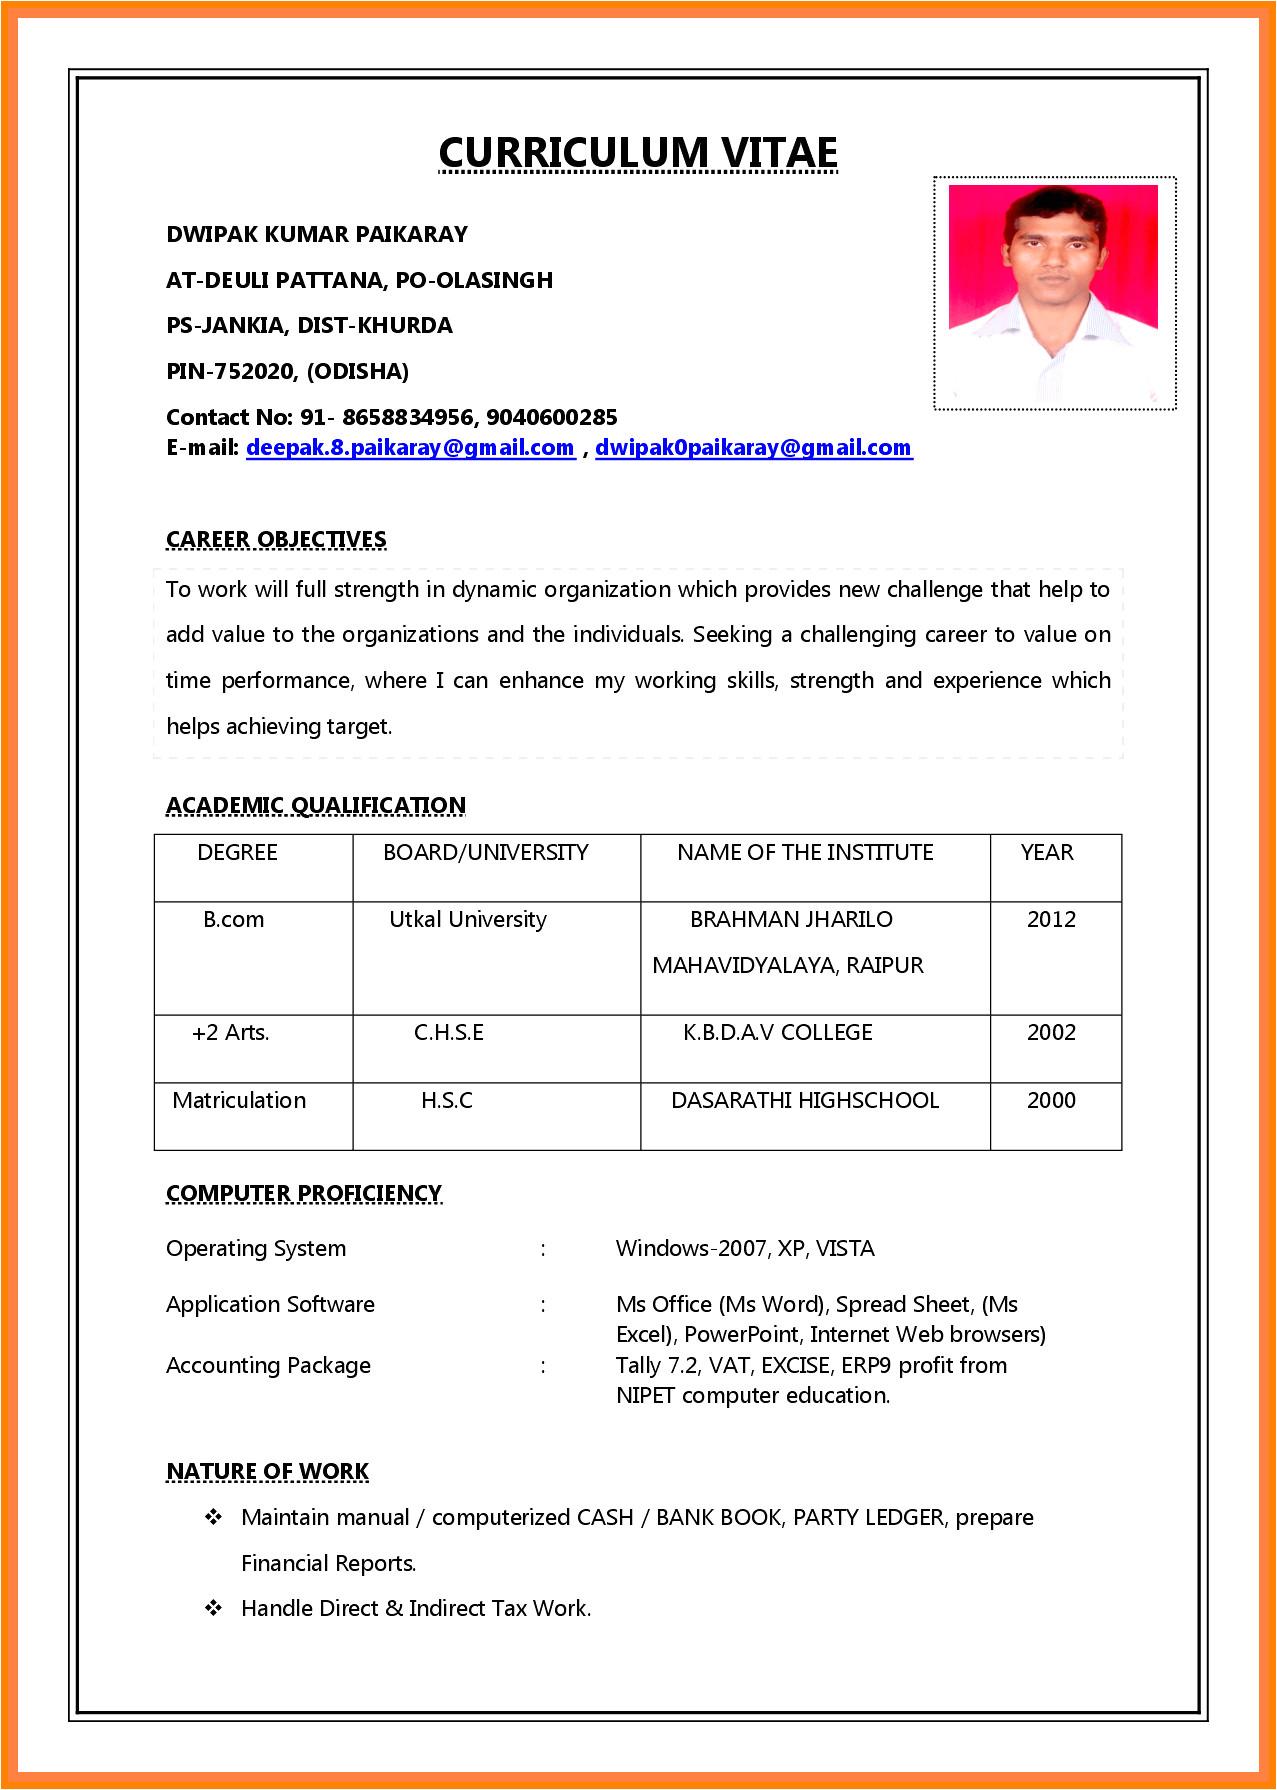 curriculum vitae application